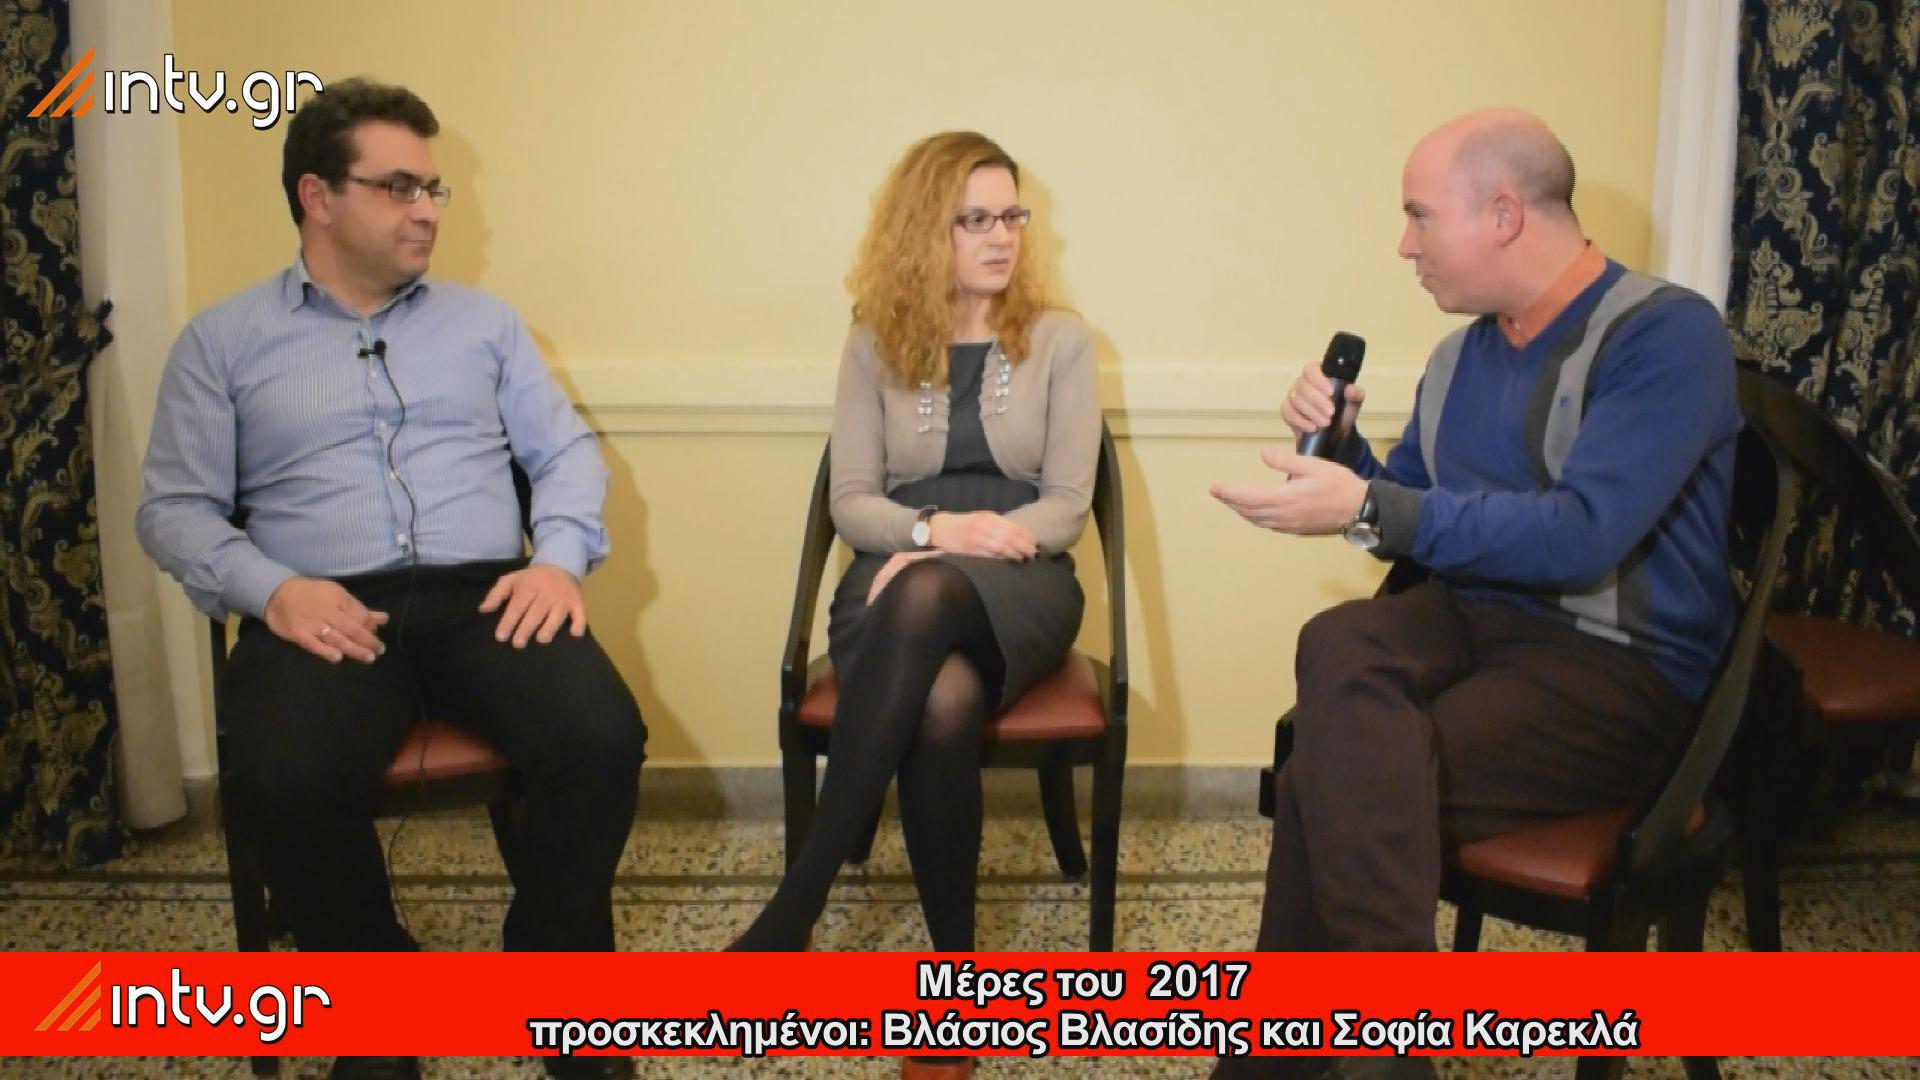 Μέρες του  2017 προσκεκλημένοι: Βλάσιος Βλασίδης και Σοφία Καρεκλά